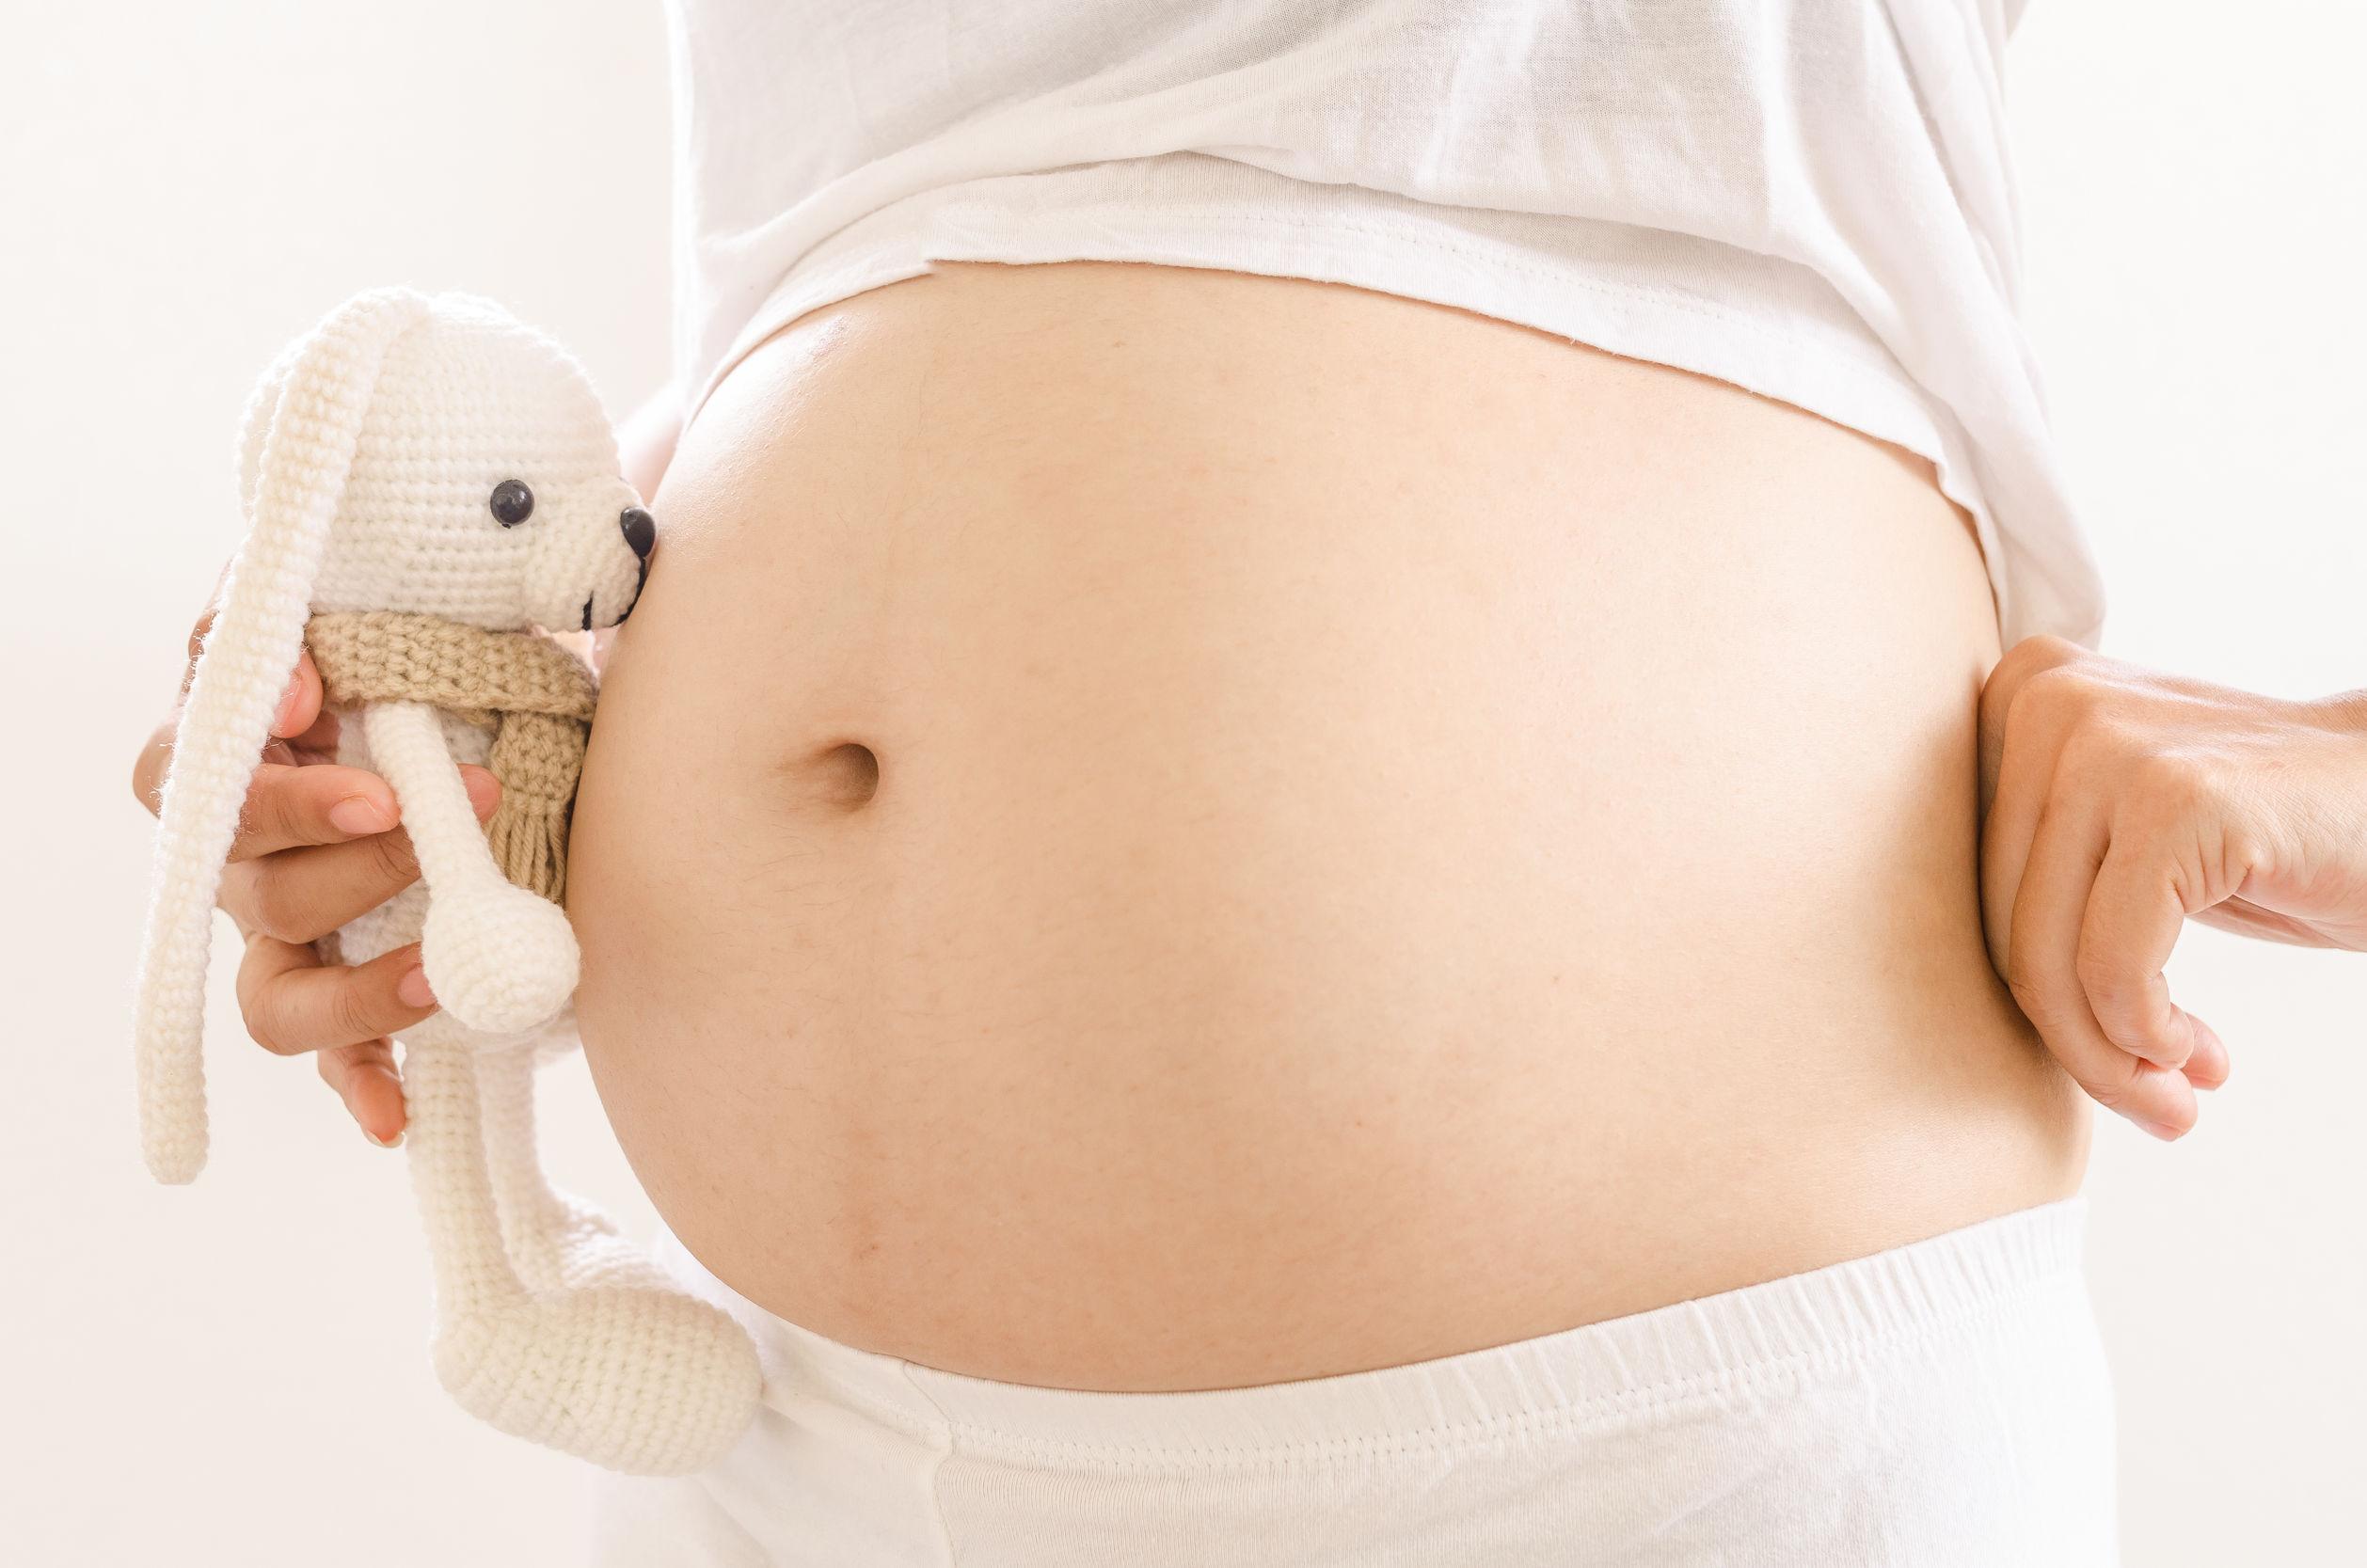 生產方式怎麼選?擔憂剖腹產會沾黏有沒有對策?